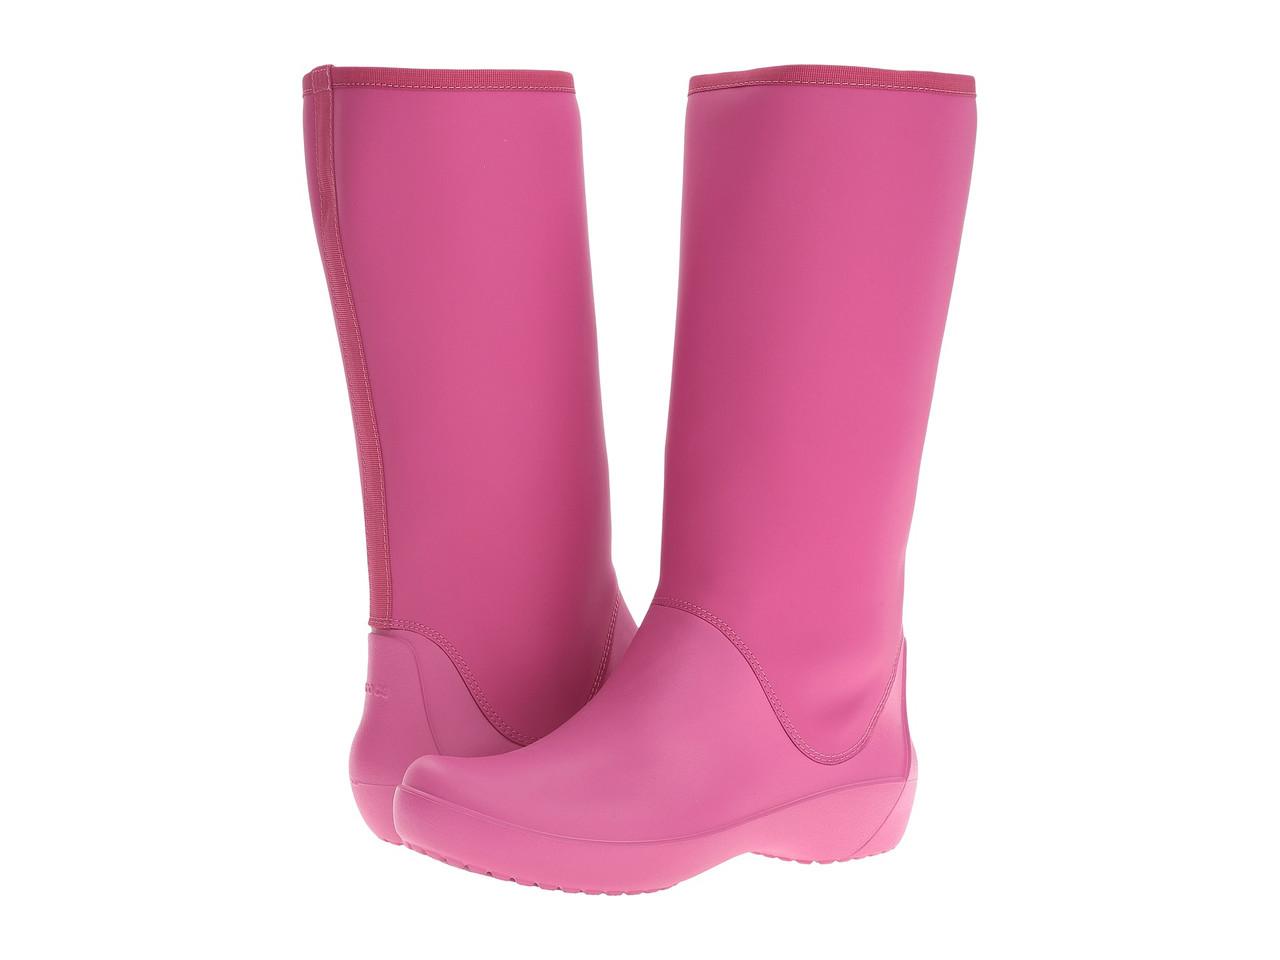 d2a33d62f411 Сапоги резиновые женские высокие мягкие Crocs Women's RainFloe Tall Boot /  дождевики